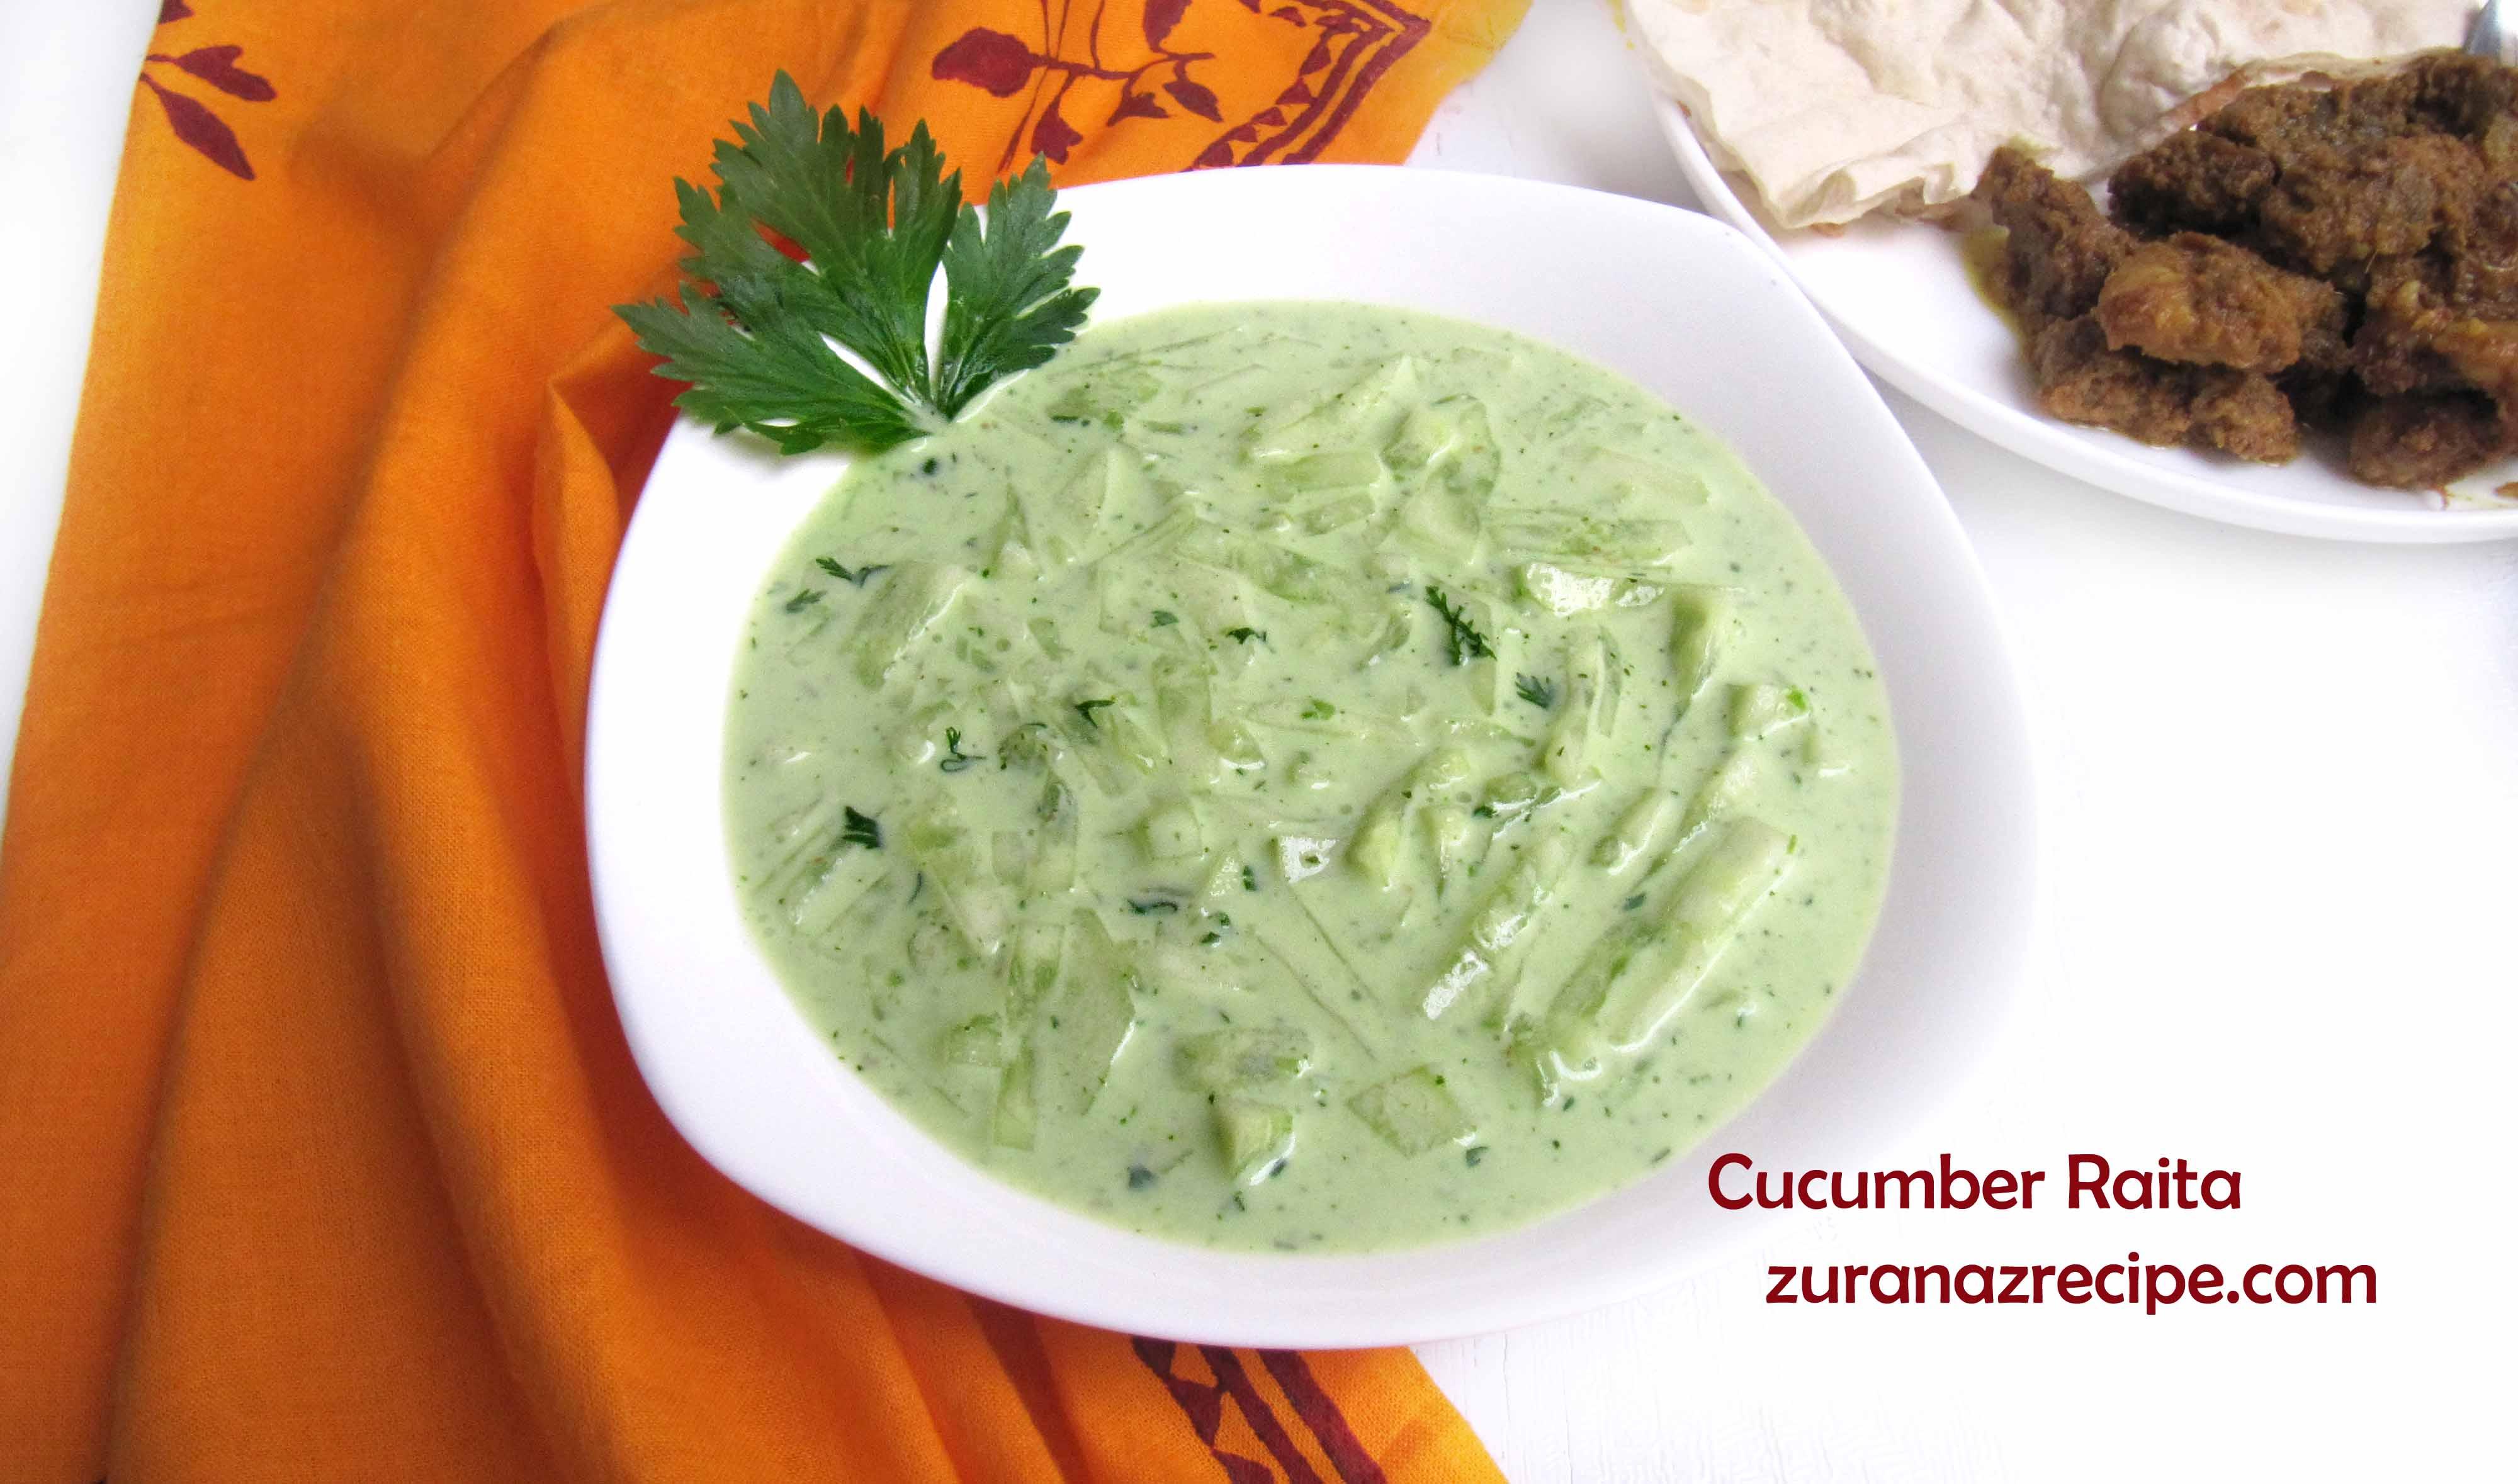 Cucumber Raita/Shasher Raita In Bangladeshi Style